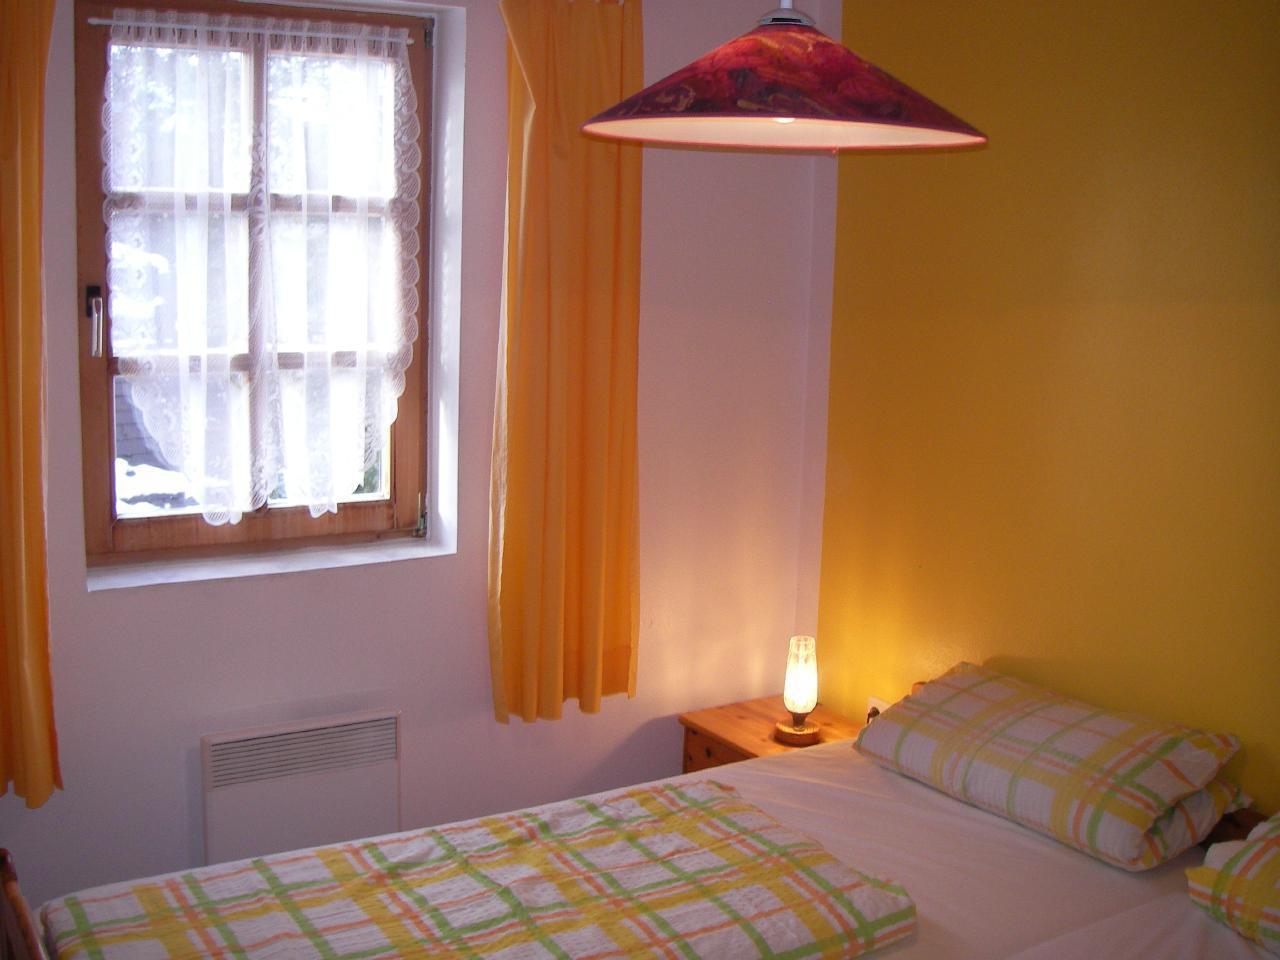 Ferienwohnung Haus Hilde Wohnung 2 (993407), Presseck, Oberfranken, Bayern, Deutschland, Bild 13